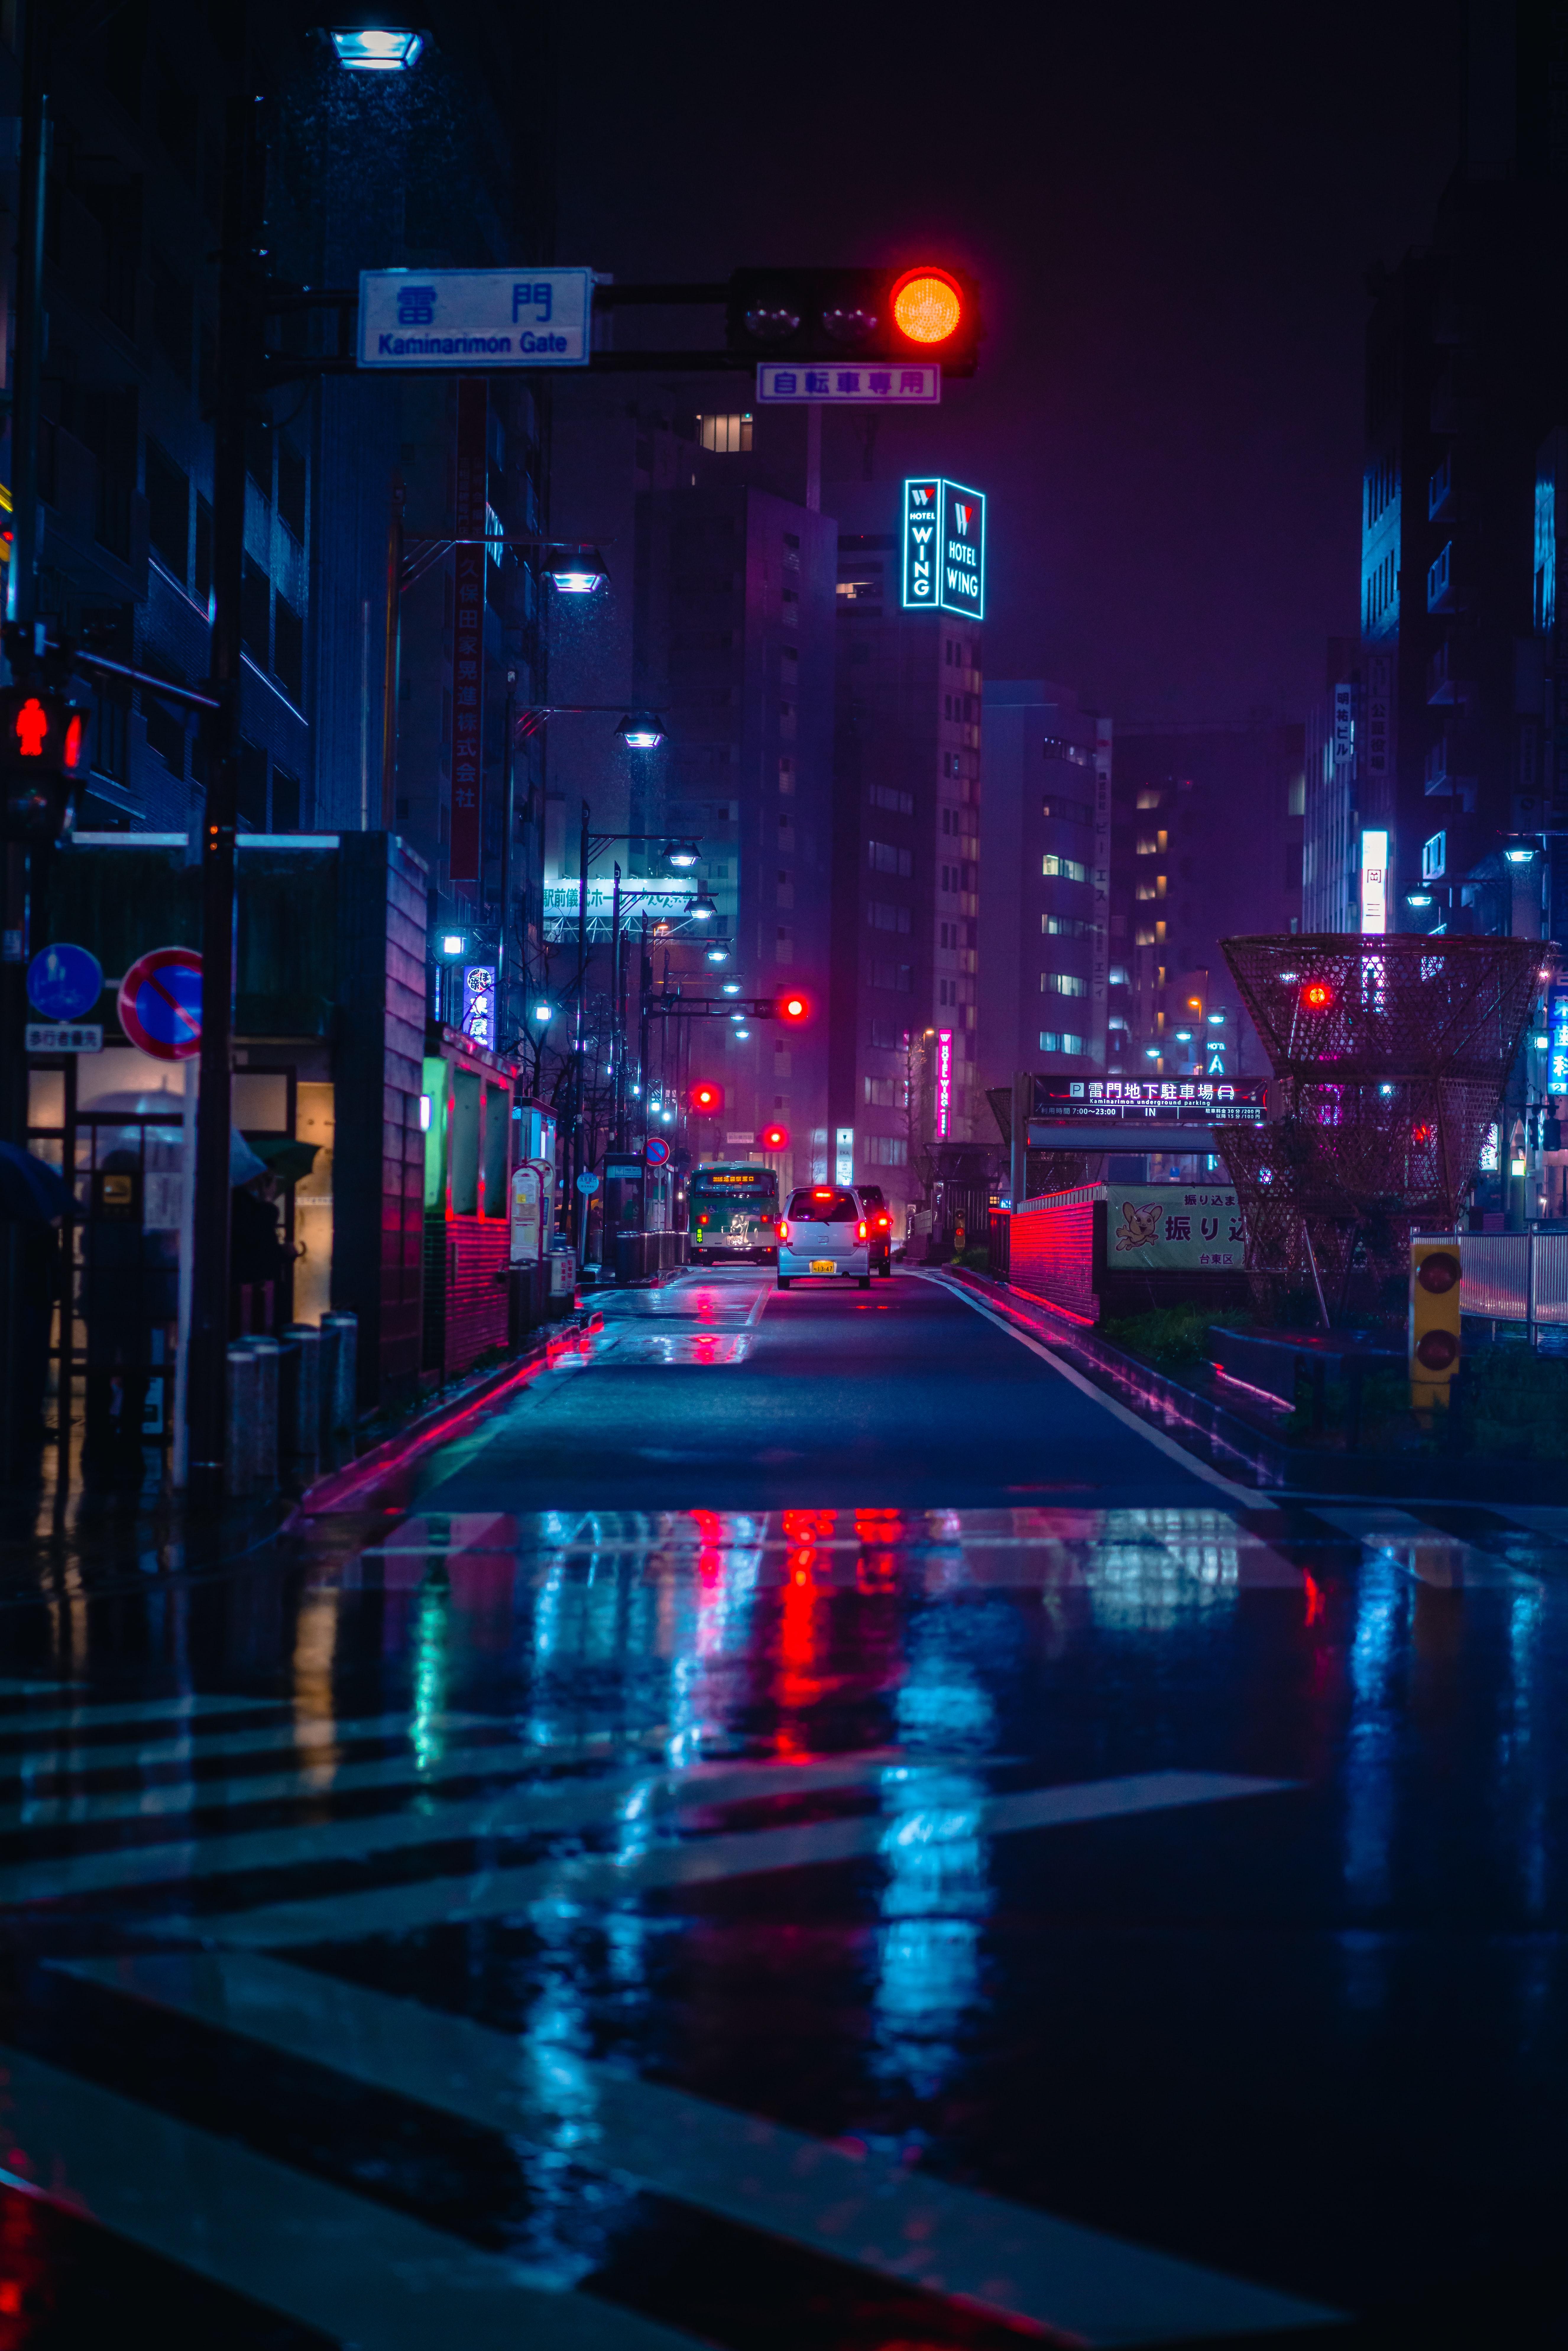 150796 скачать обои Улица, Ночной Город, Неон, Дорога, Города, Машины - заставки и картинки бесплатно